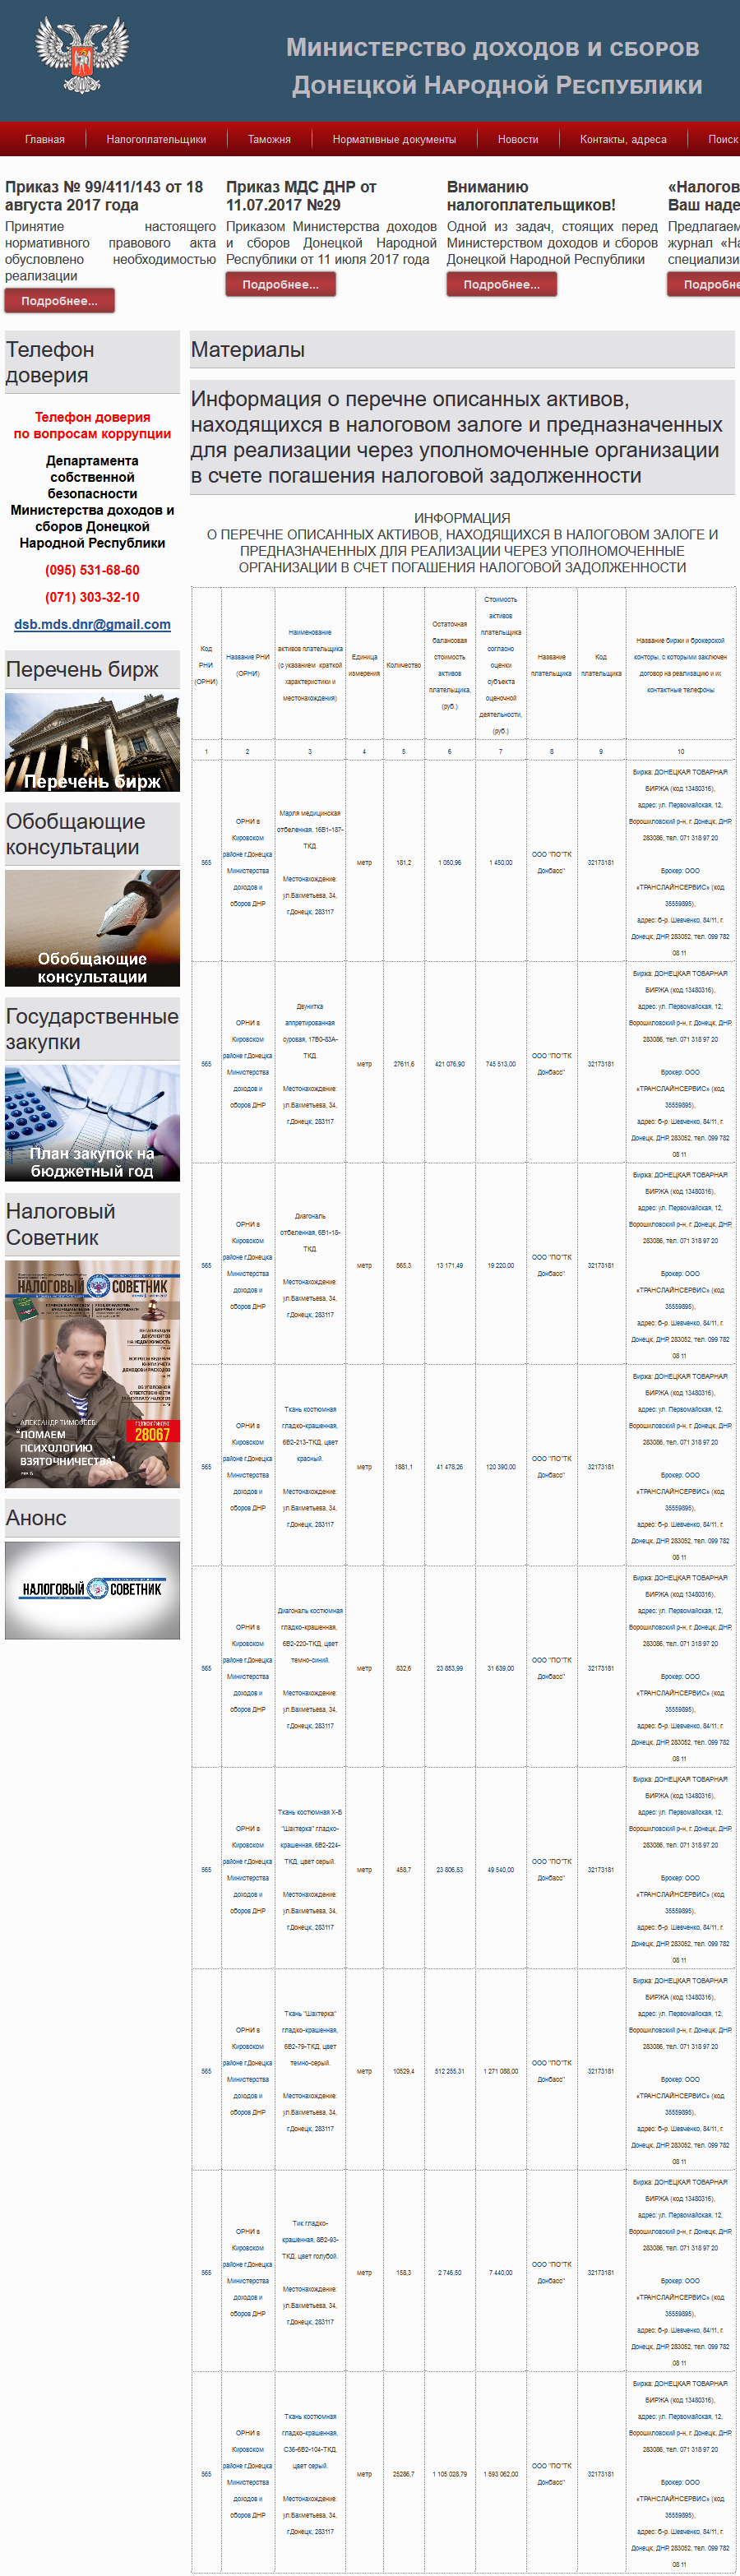 «Текстиль-Контакт» аферы, махинации с докуменами, связь с «ДНР» расследование (2-я часть)